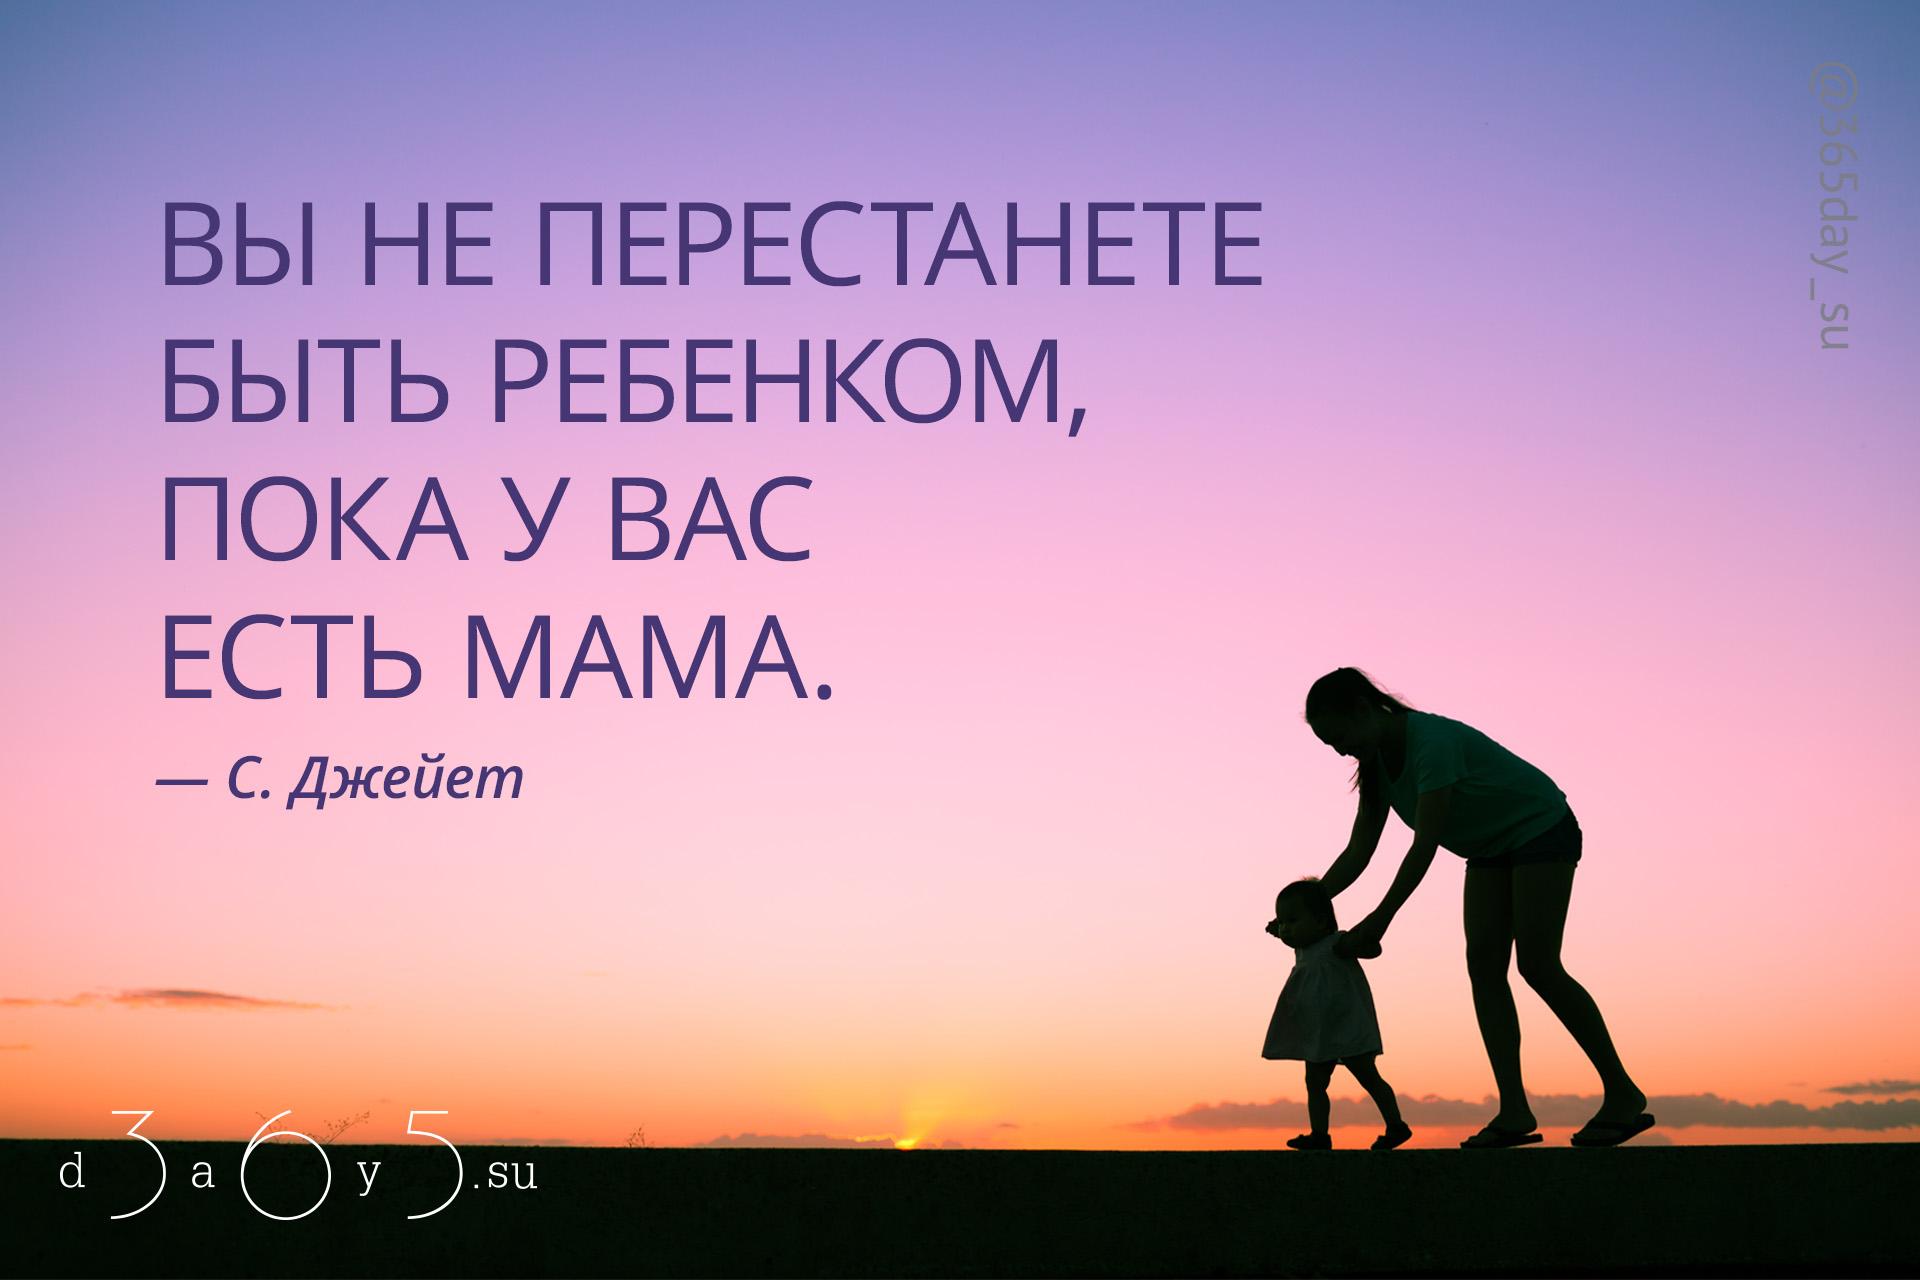 Цитата о матери и ребенке